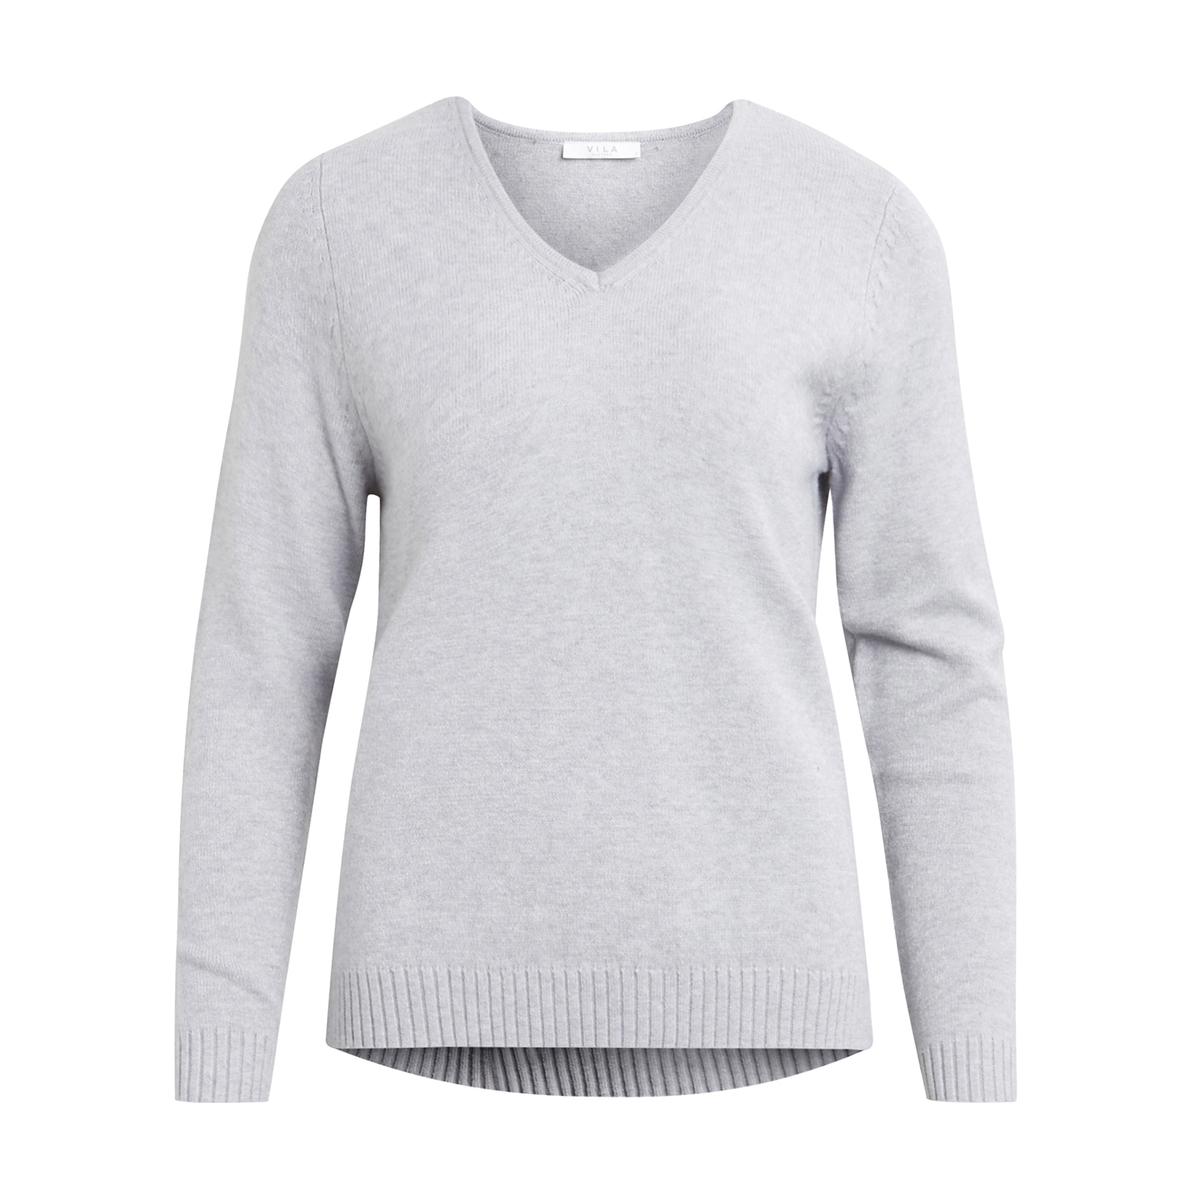 купить Пуловер с V-образным вырезом из тонкого трикотажа по цене 2449 рублей